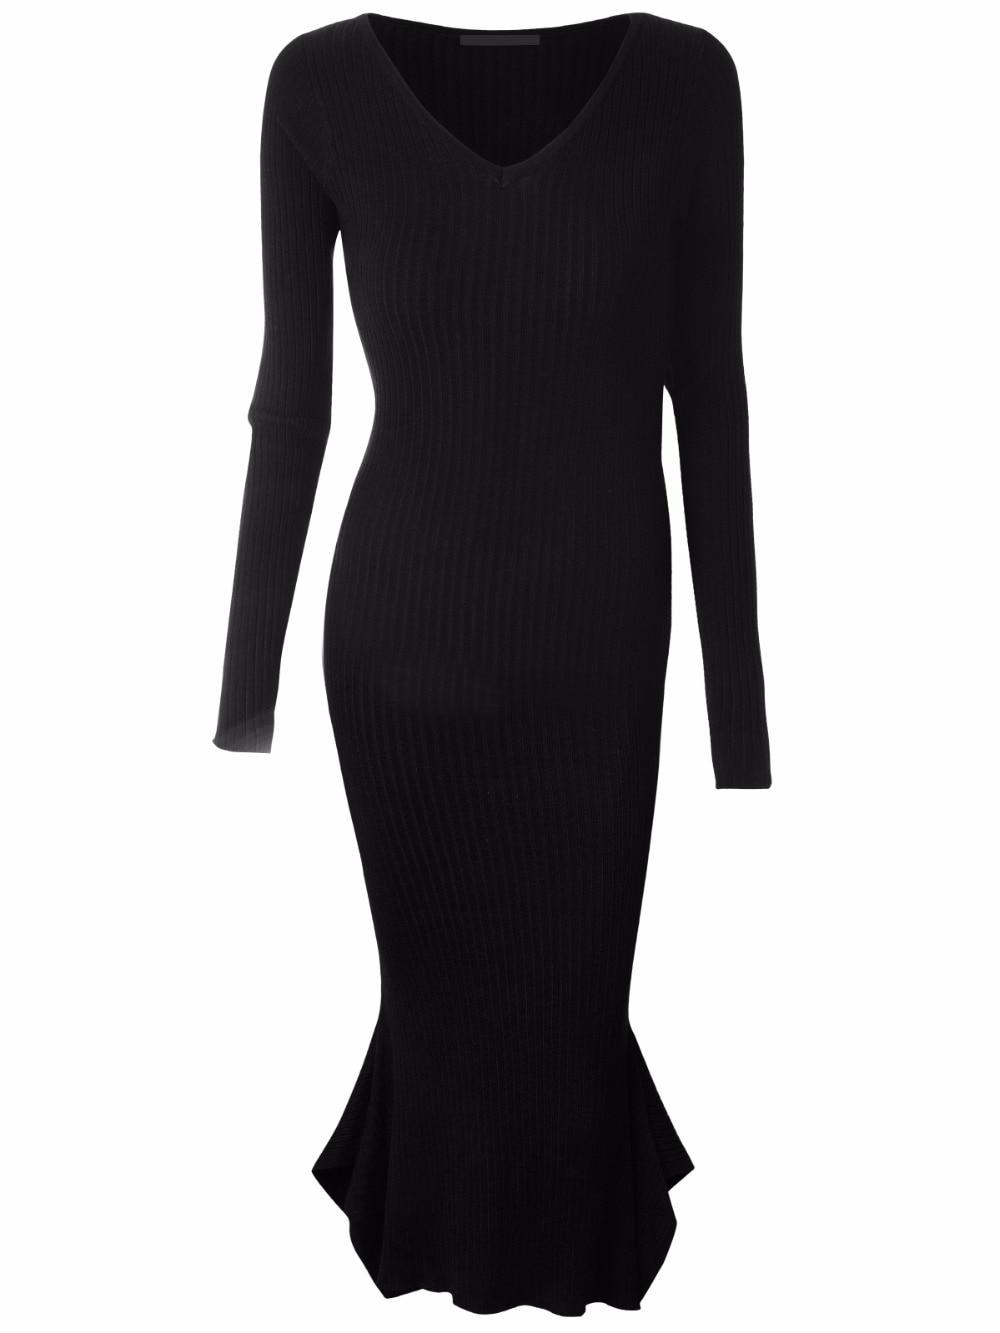 Dreamskull 2017 Women Oversize Long Sleeve Slim Knitted Dress Fitting Pencil Ladies Dresses Girls Elegant Fishtail Mermaid DressÎäåæäà è àêñåññóàðû<br><br>